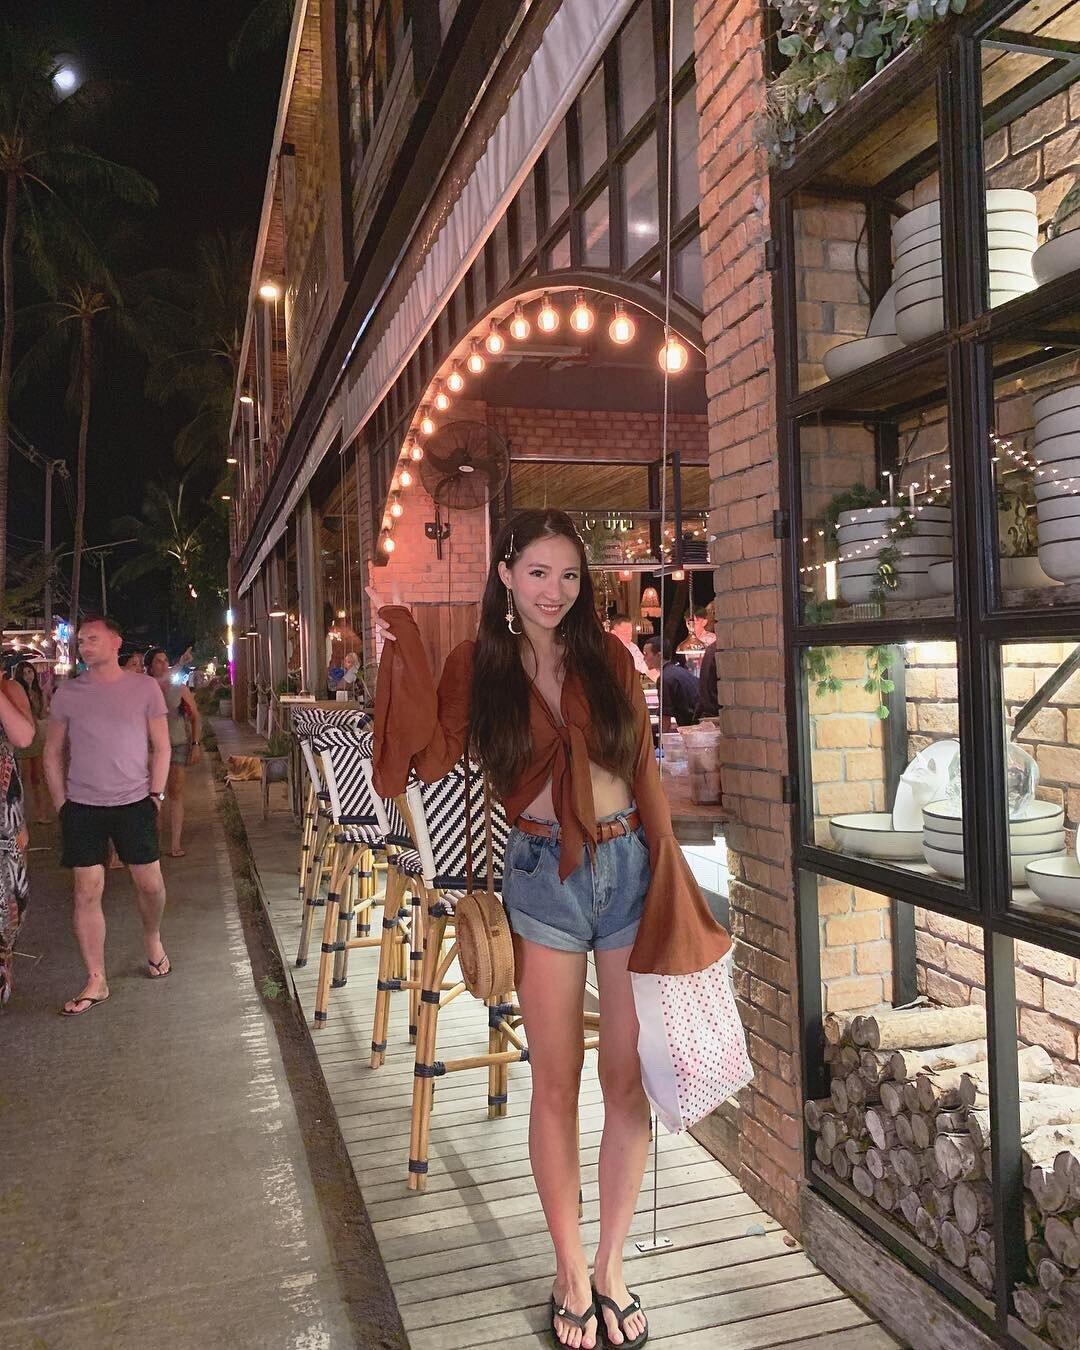 ▲蘇梅島的漁夫村夜市,讓林采緹覺得非常好逛,也買了不少小孩的戰利品。